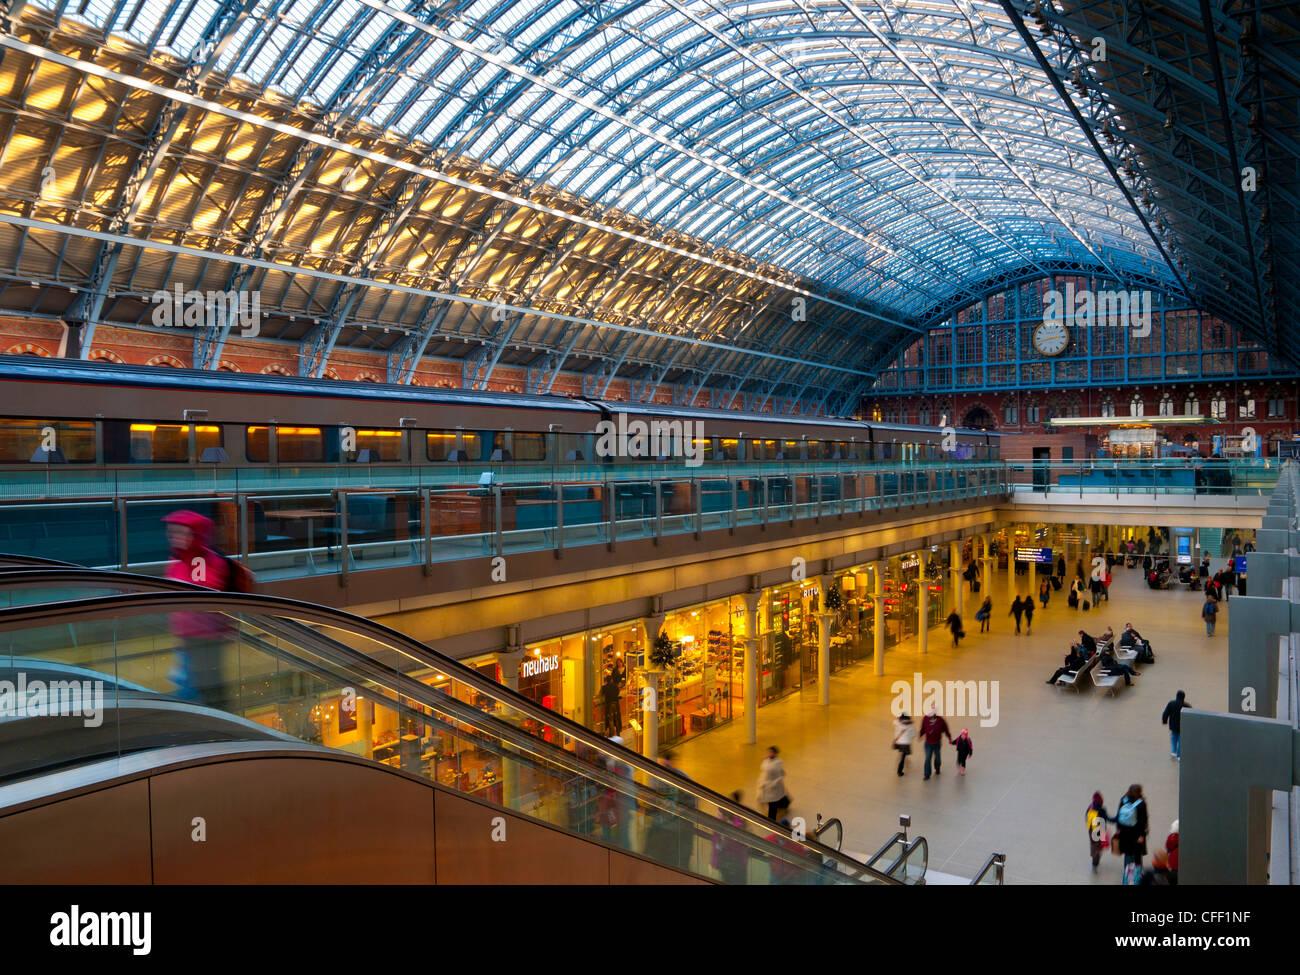 St. Pancras Station, London, England, United Kingdom, Europe - Stock Image